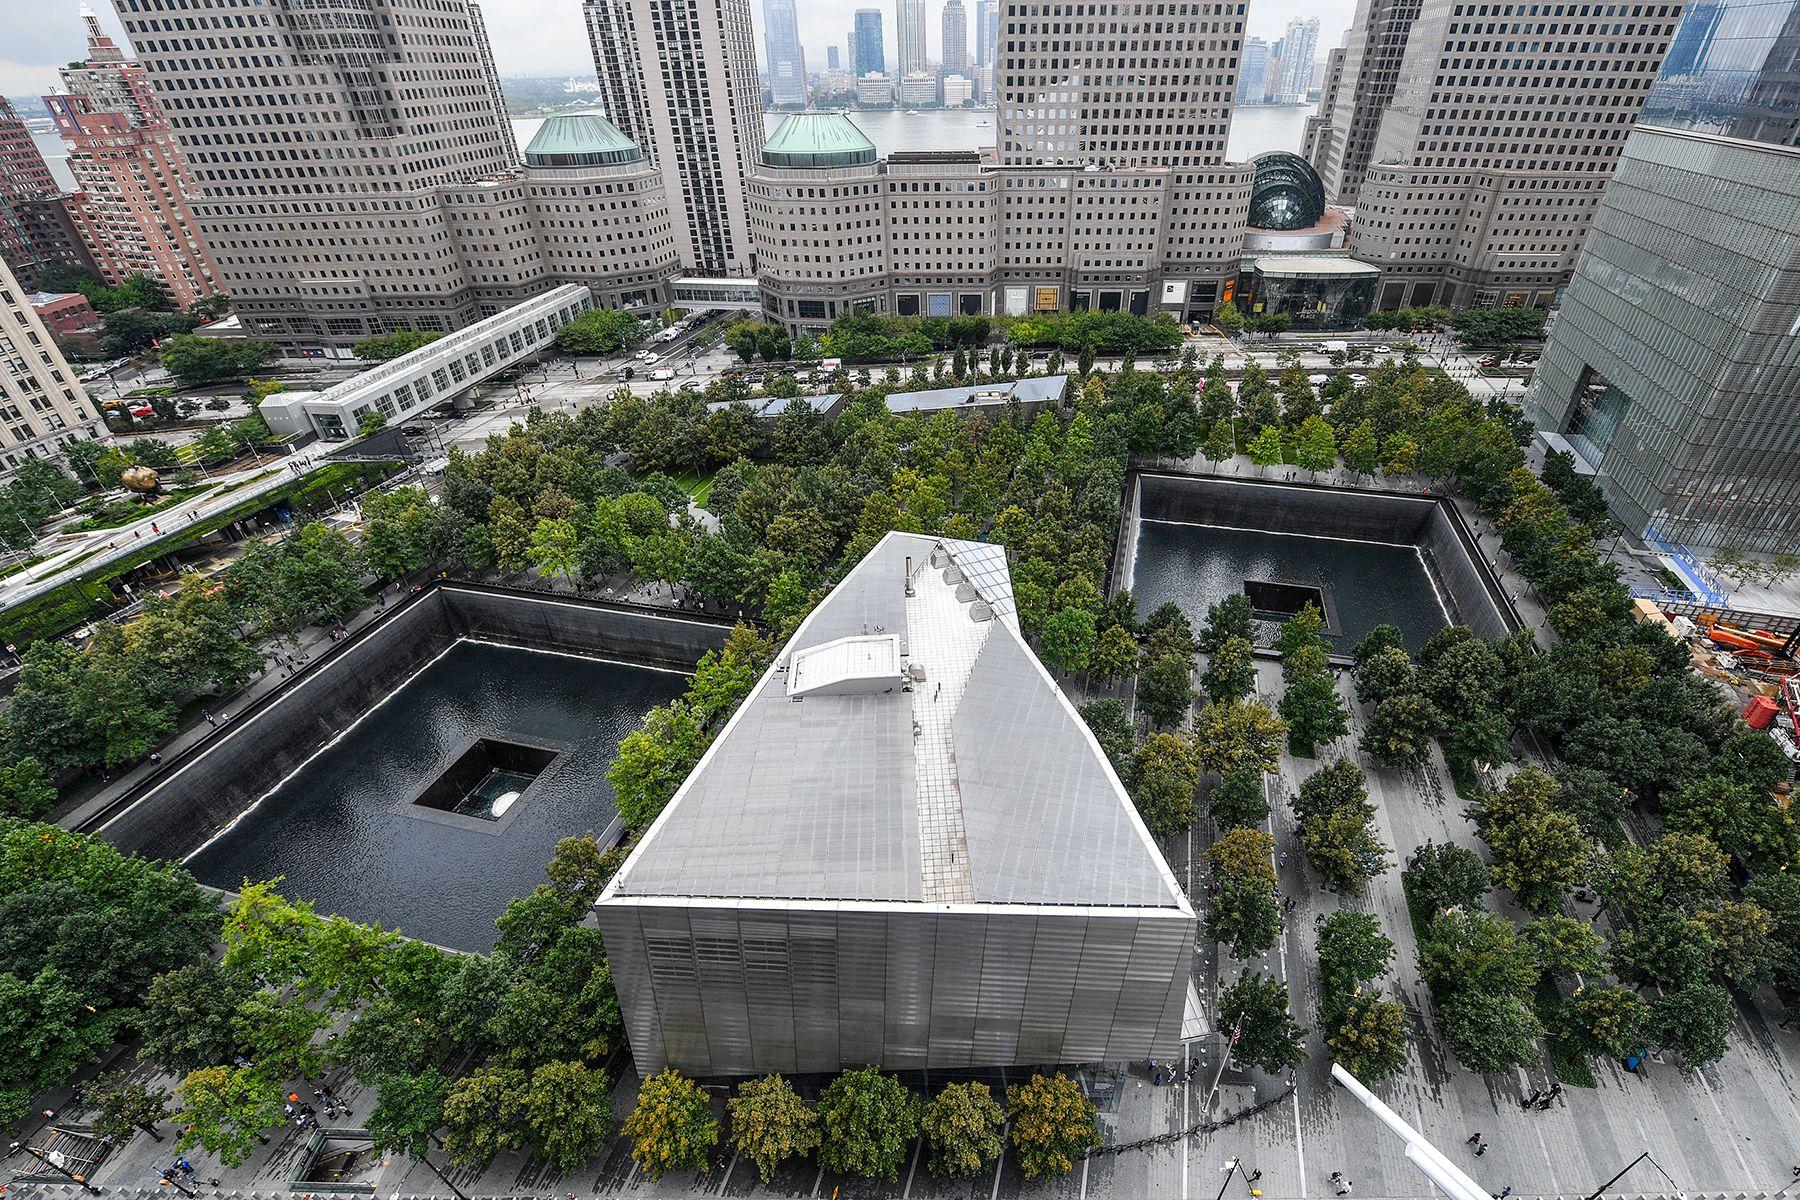 Ground Zero 20th Anniversary